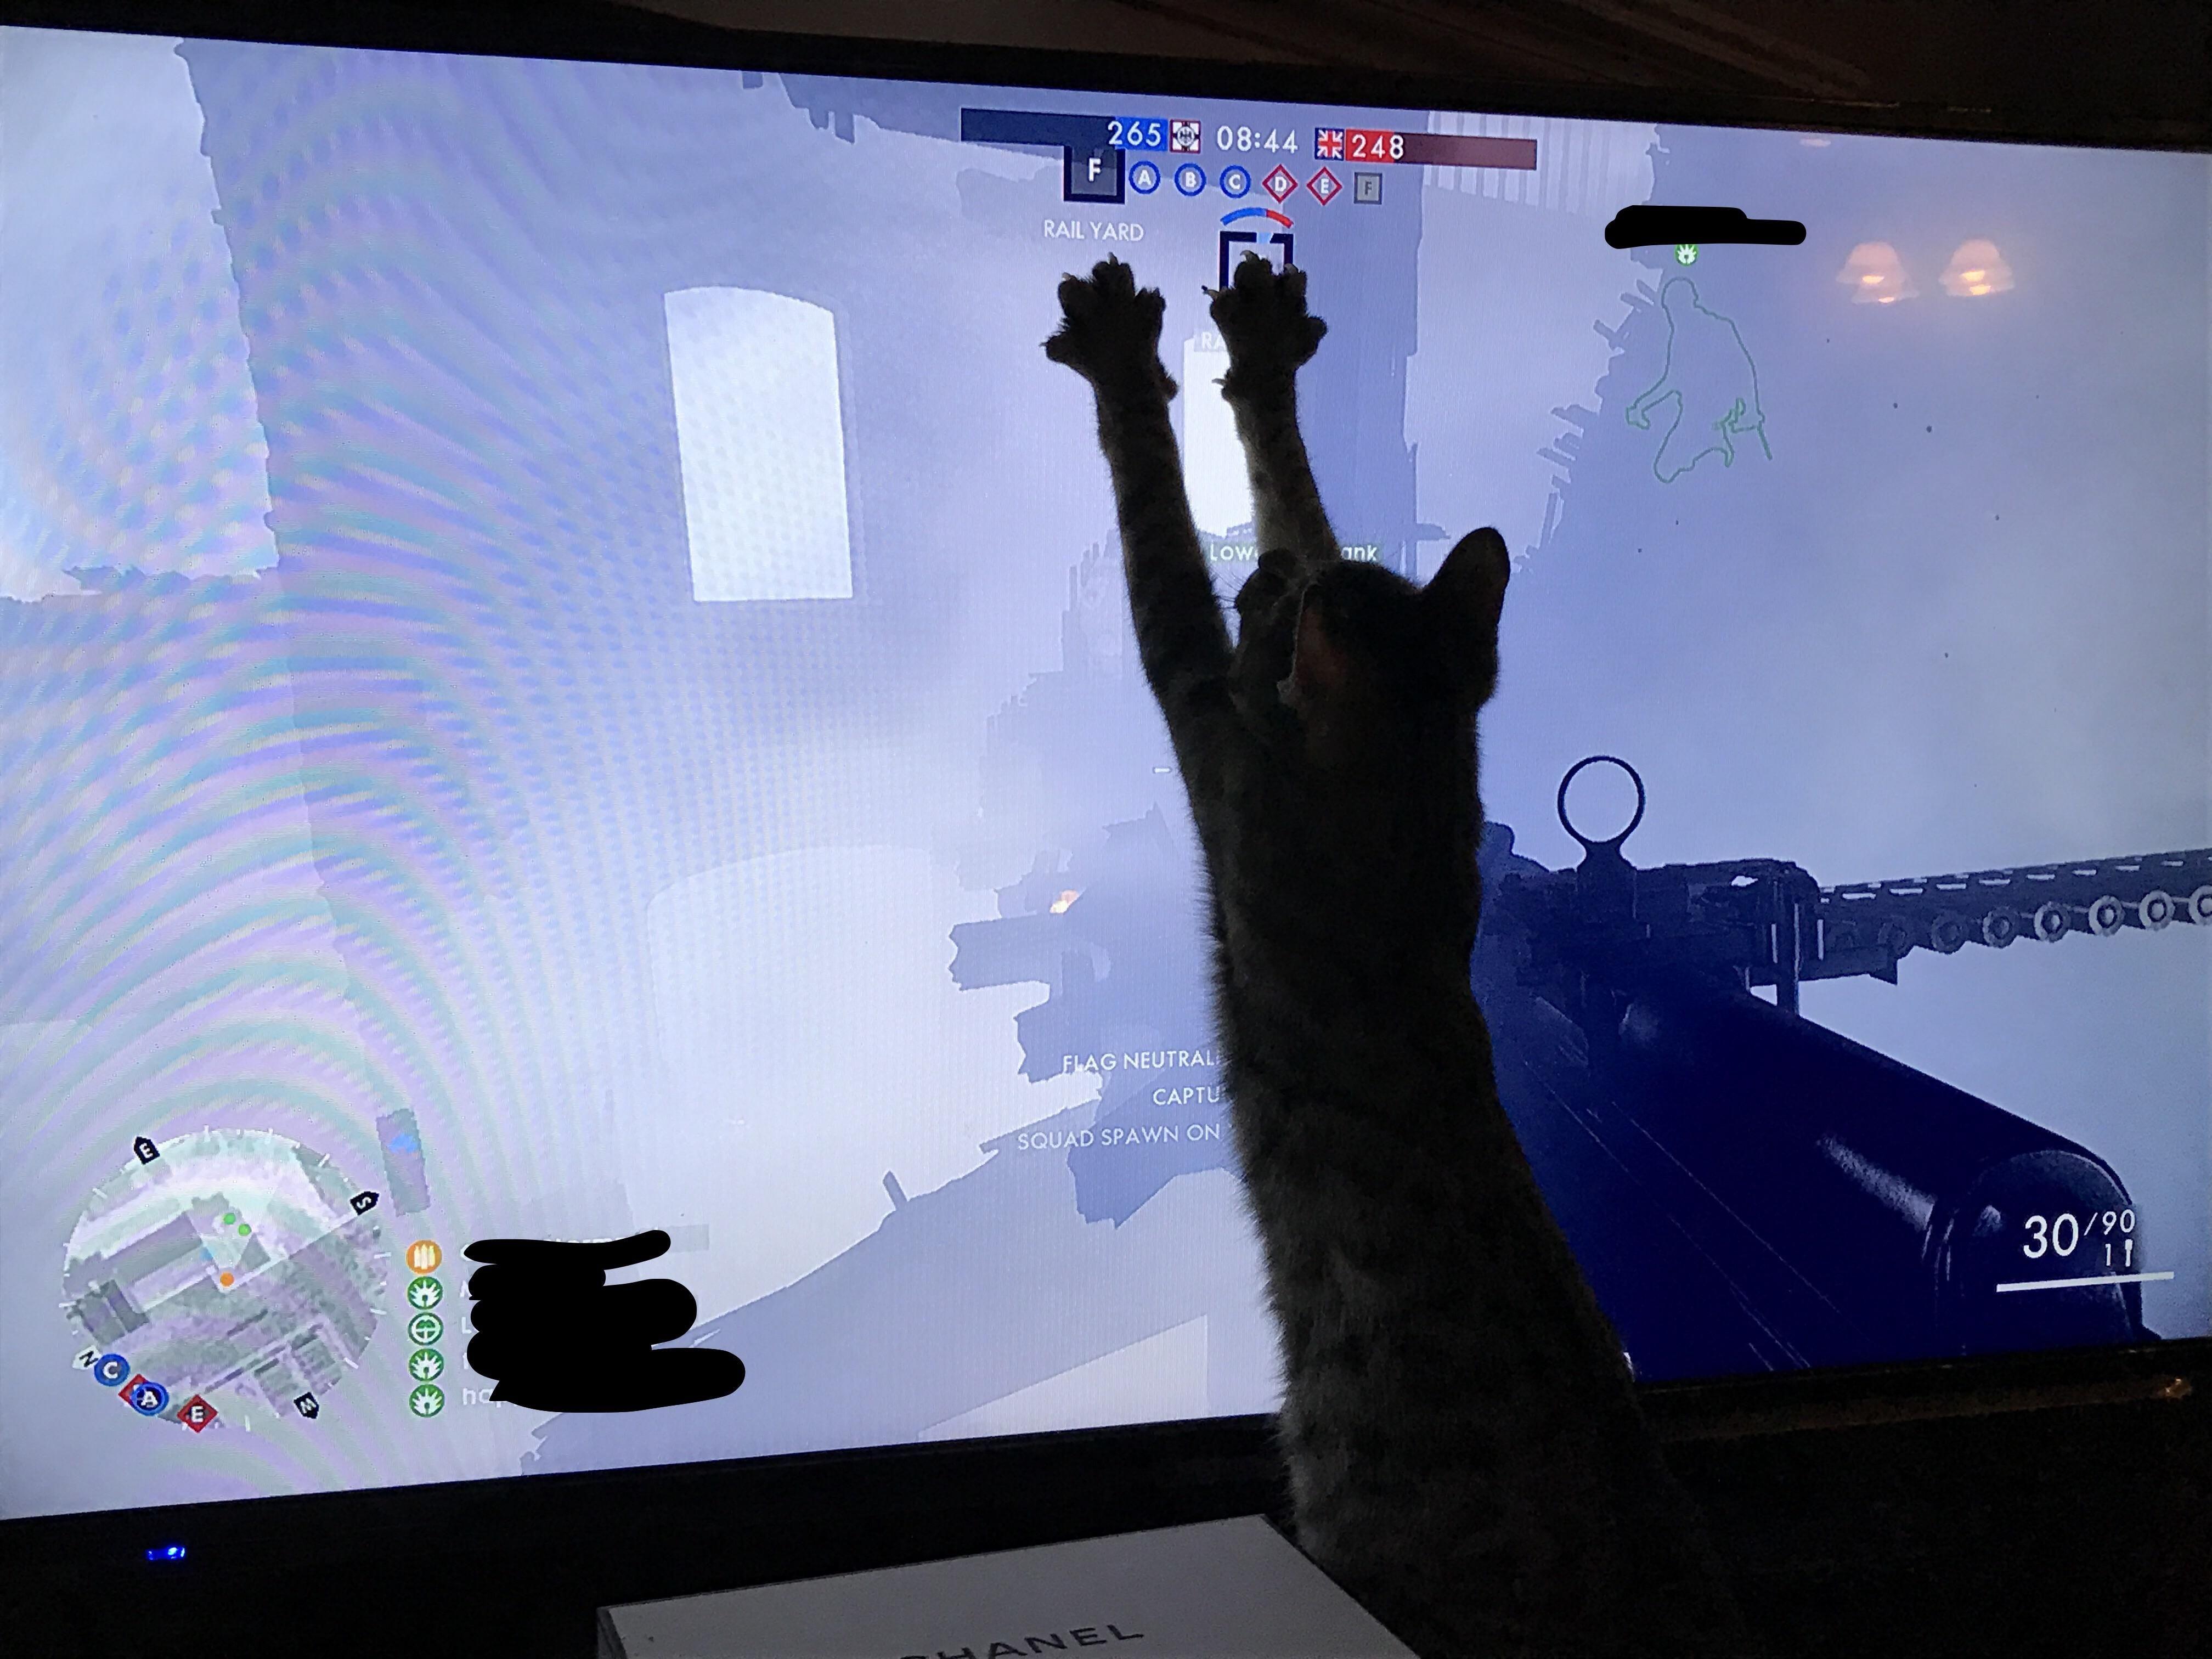 My cat helping me play BF1 For More Information... >>> http://bit.ly/29otcOB <<< ------- #gaming #games #gamer #videogames #videogame #anime #video #Funny #xbox #nintendo #TVGM #surprise #gamergirl #gamers #gamerguy #instagamer #girlgamer #bhombingamerica #pcgamer #gamerlife #gamergirls #xboxgamer #girlgamer #gtav